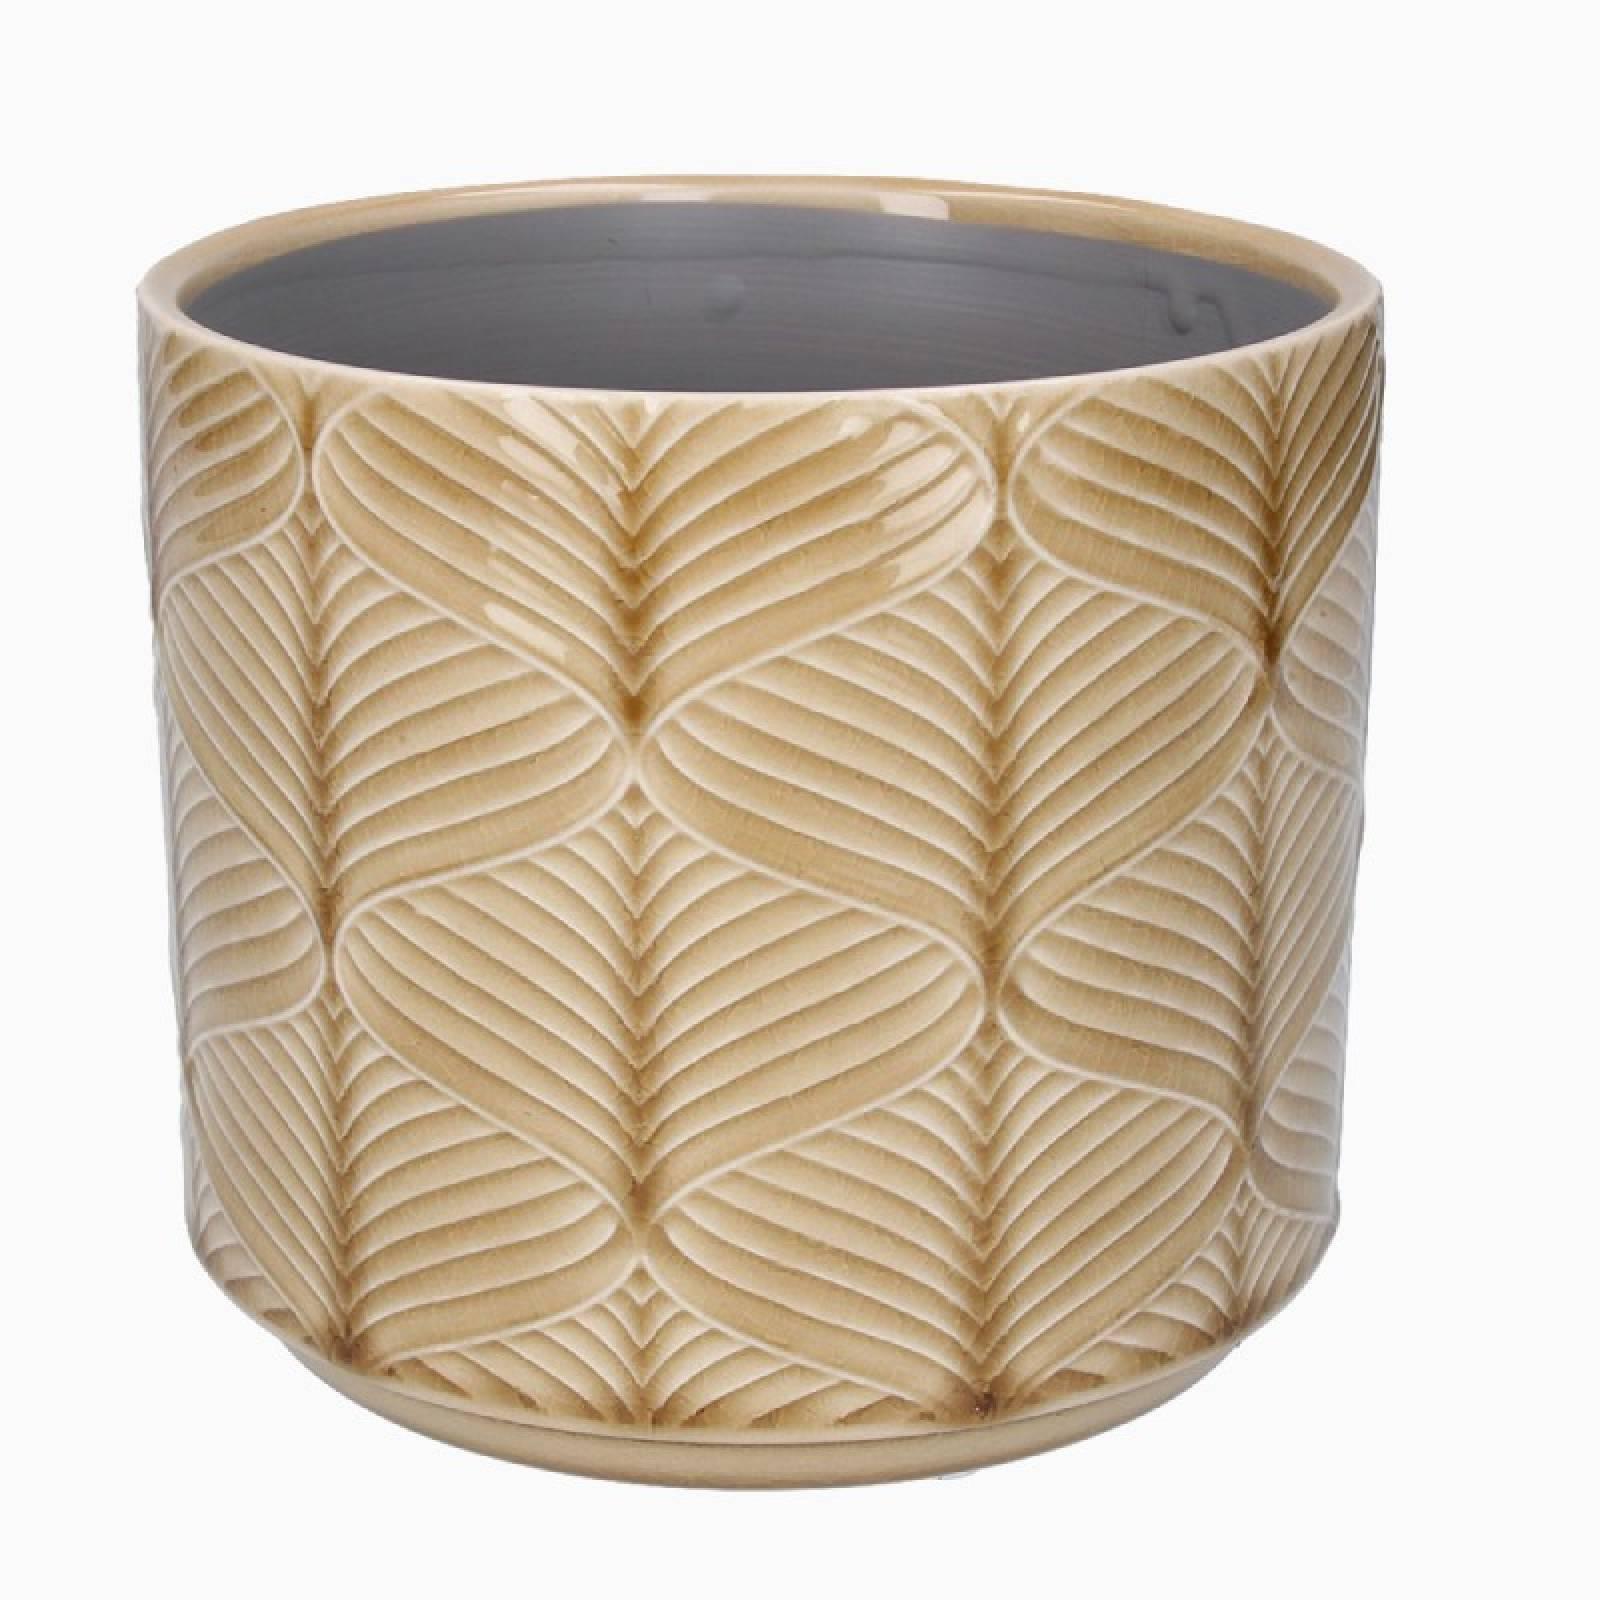 Medium Wavy Ceramic Flower Pot Cover In Mustard